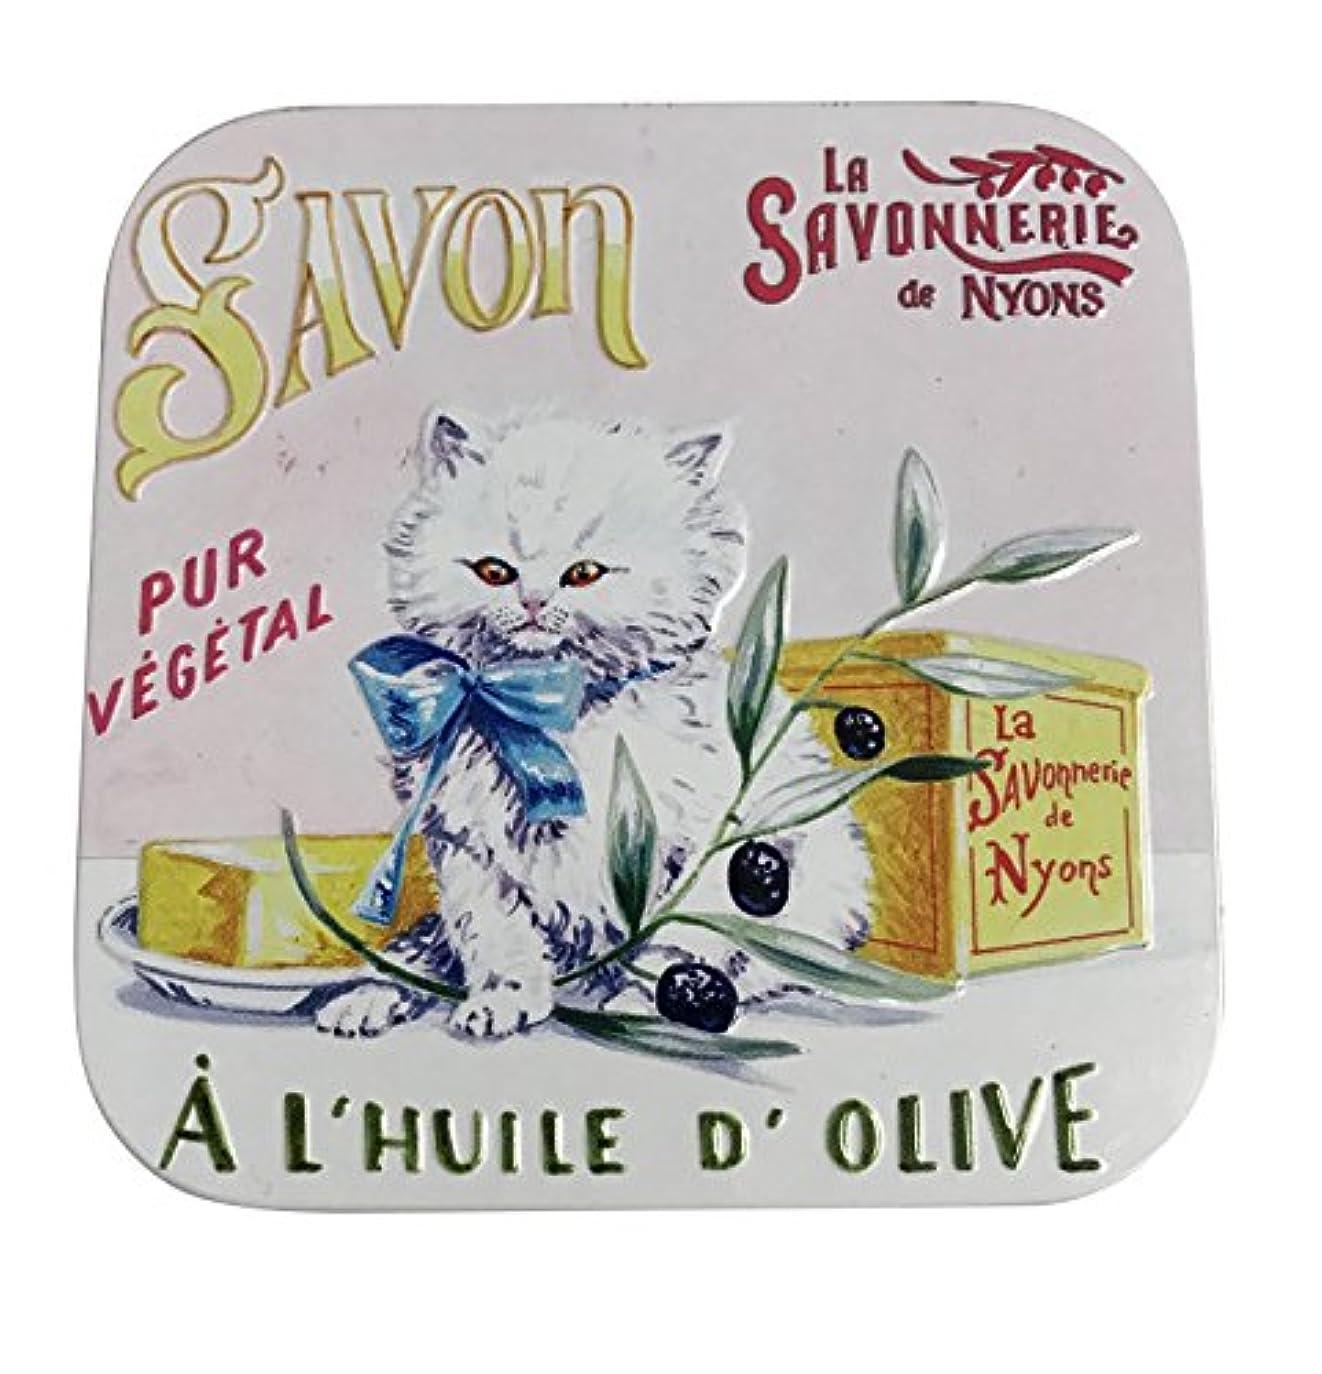 失業者ポジションスナップラ?サボネリー アンティーク缶入り石鹸 タイプ100 ペルシャ子猫(コットンフラワー)